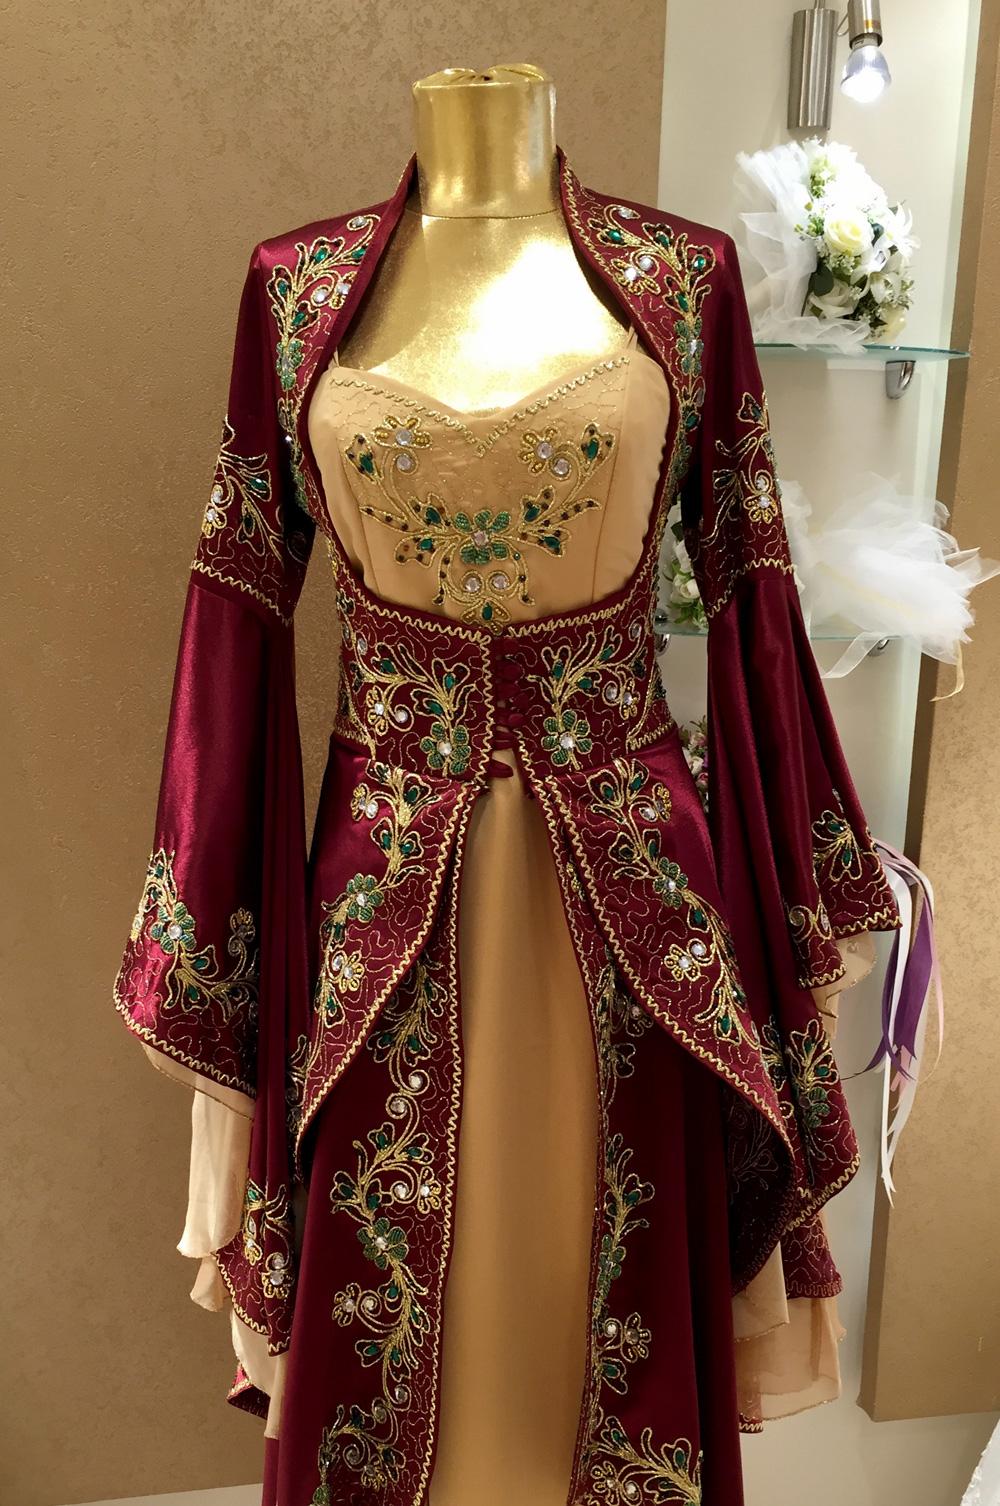 بالصور قنادر جزائرية , شكل الملابس التقليدية للجزائر 3222 12